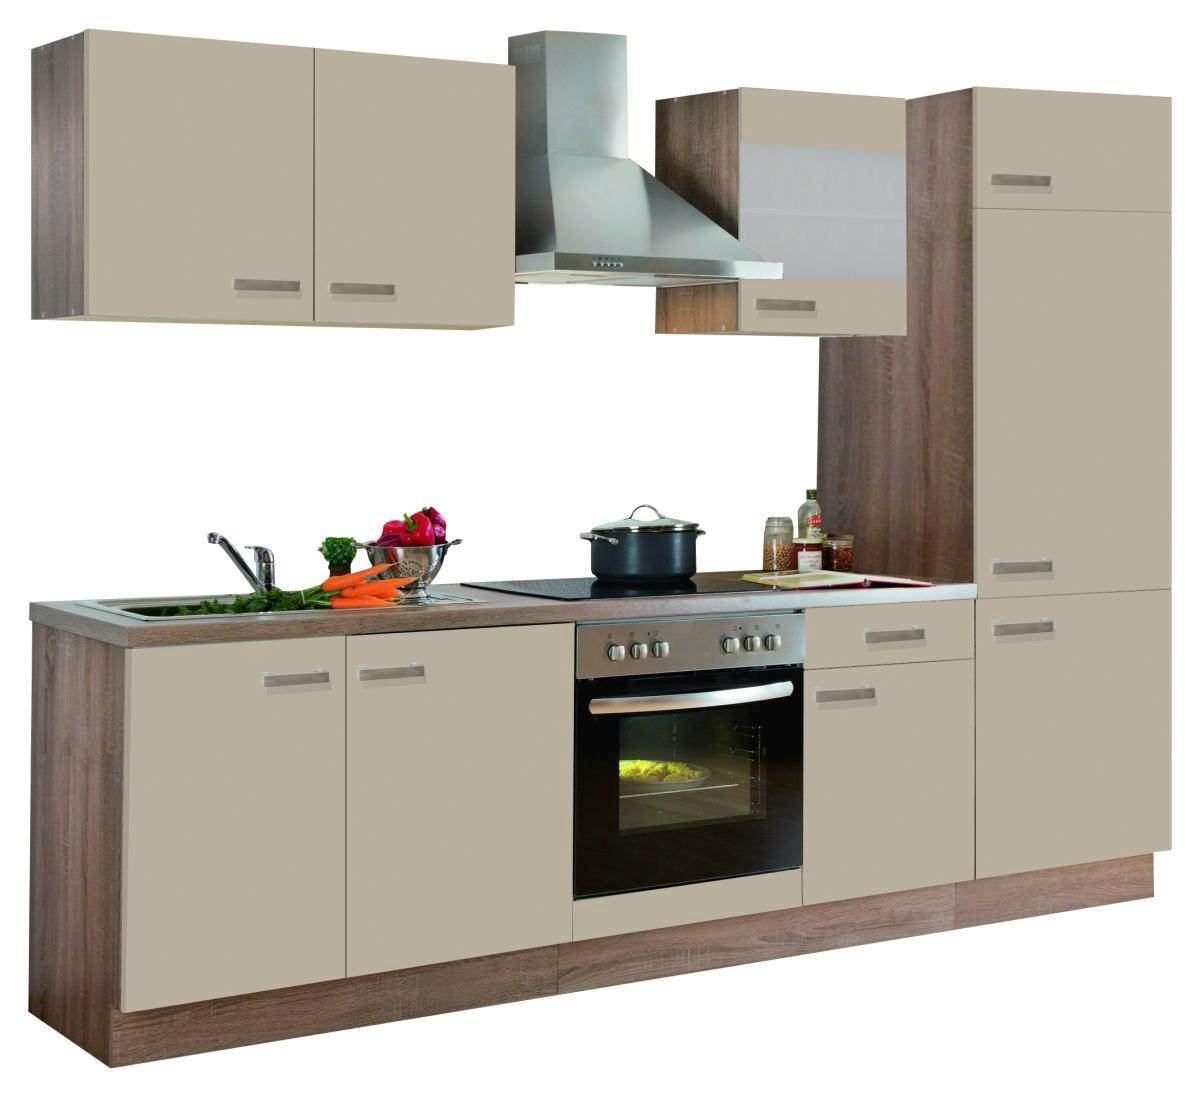 Full Size of Bett 140x200 Poco Schlafzimmer Komplett Big Sofa Betten Küche Wohnzimmer Küchenzeile Poco